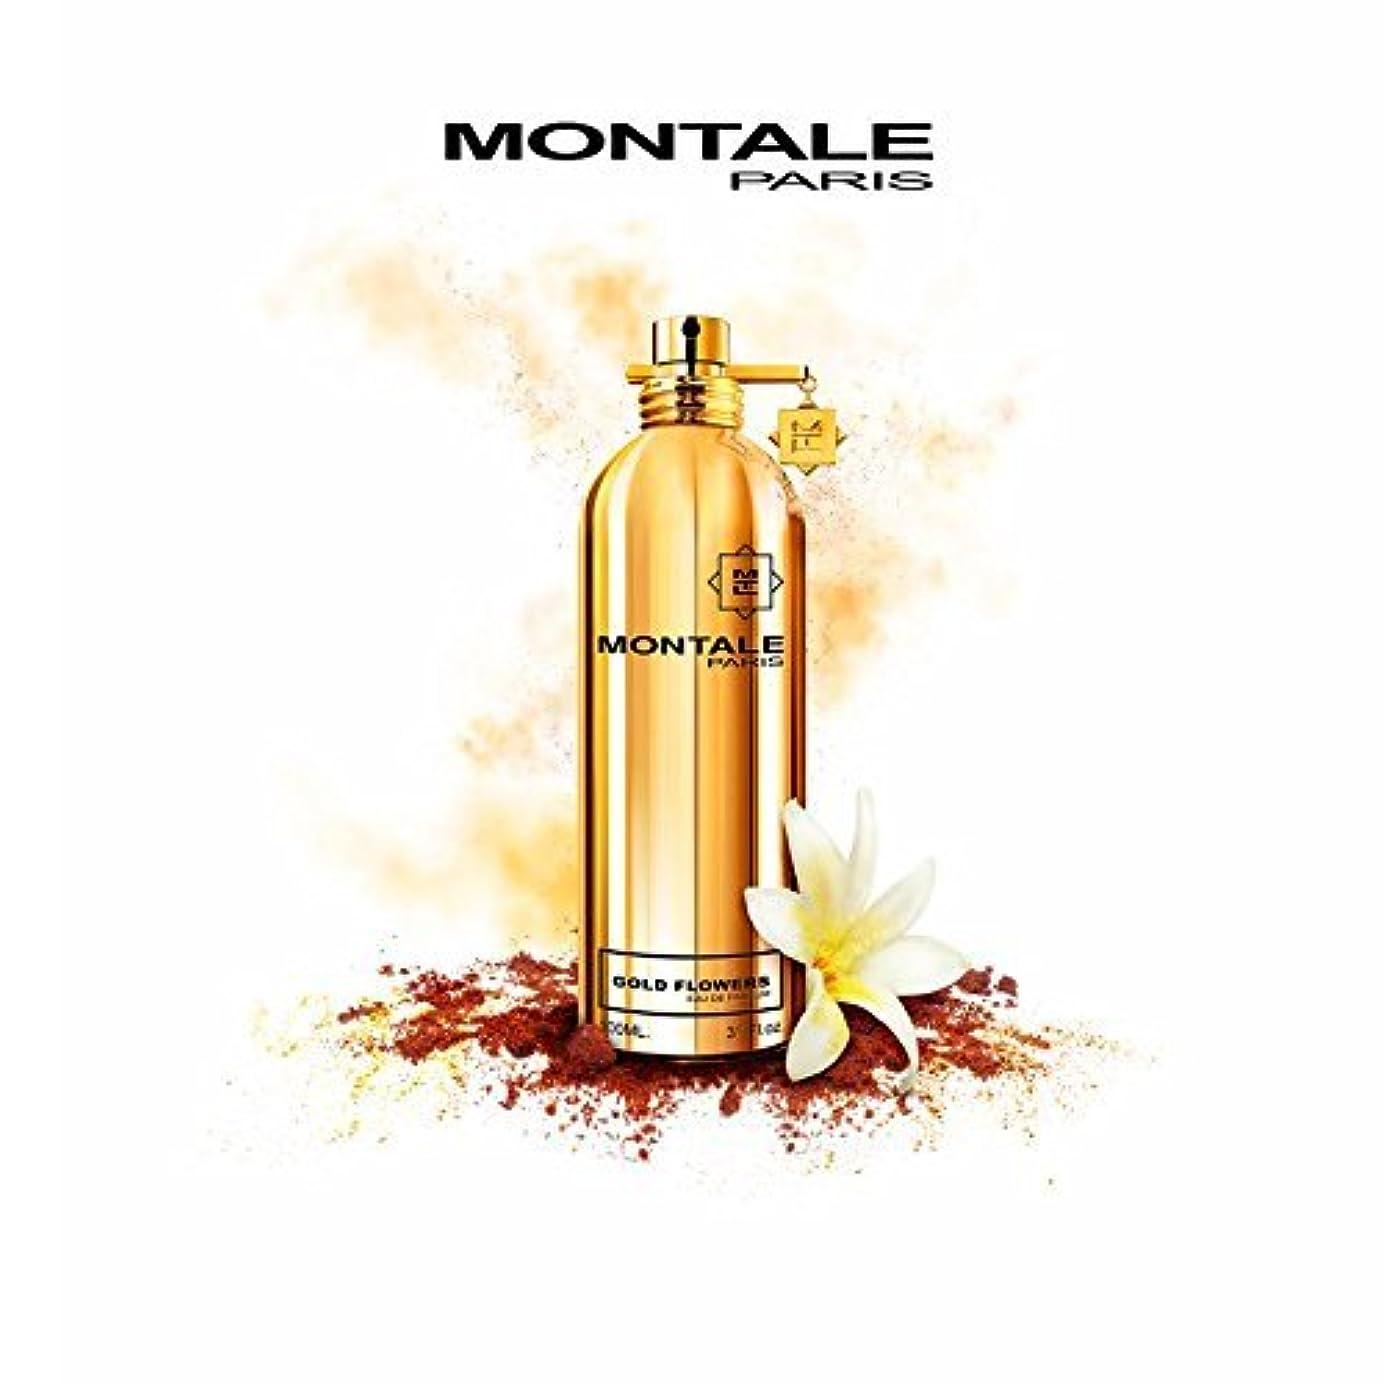 インフラ傾向がありますテクニカルMONTALE GOLD FLOWERS Eau de Perfume 100ml Made in France 100% 本物のモンターレ ゴールド花香水 100 ml フランス製 +2サンプル無料! + 30 mlスキンケア無料!